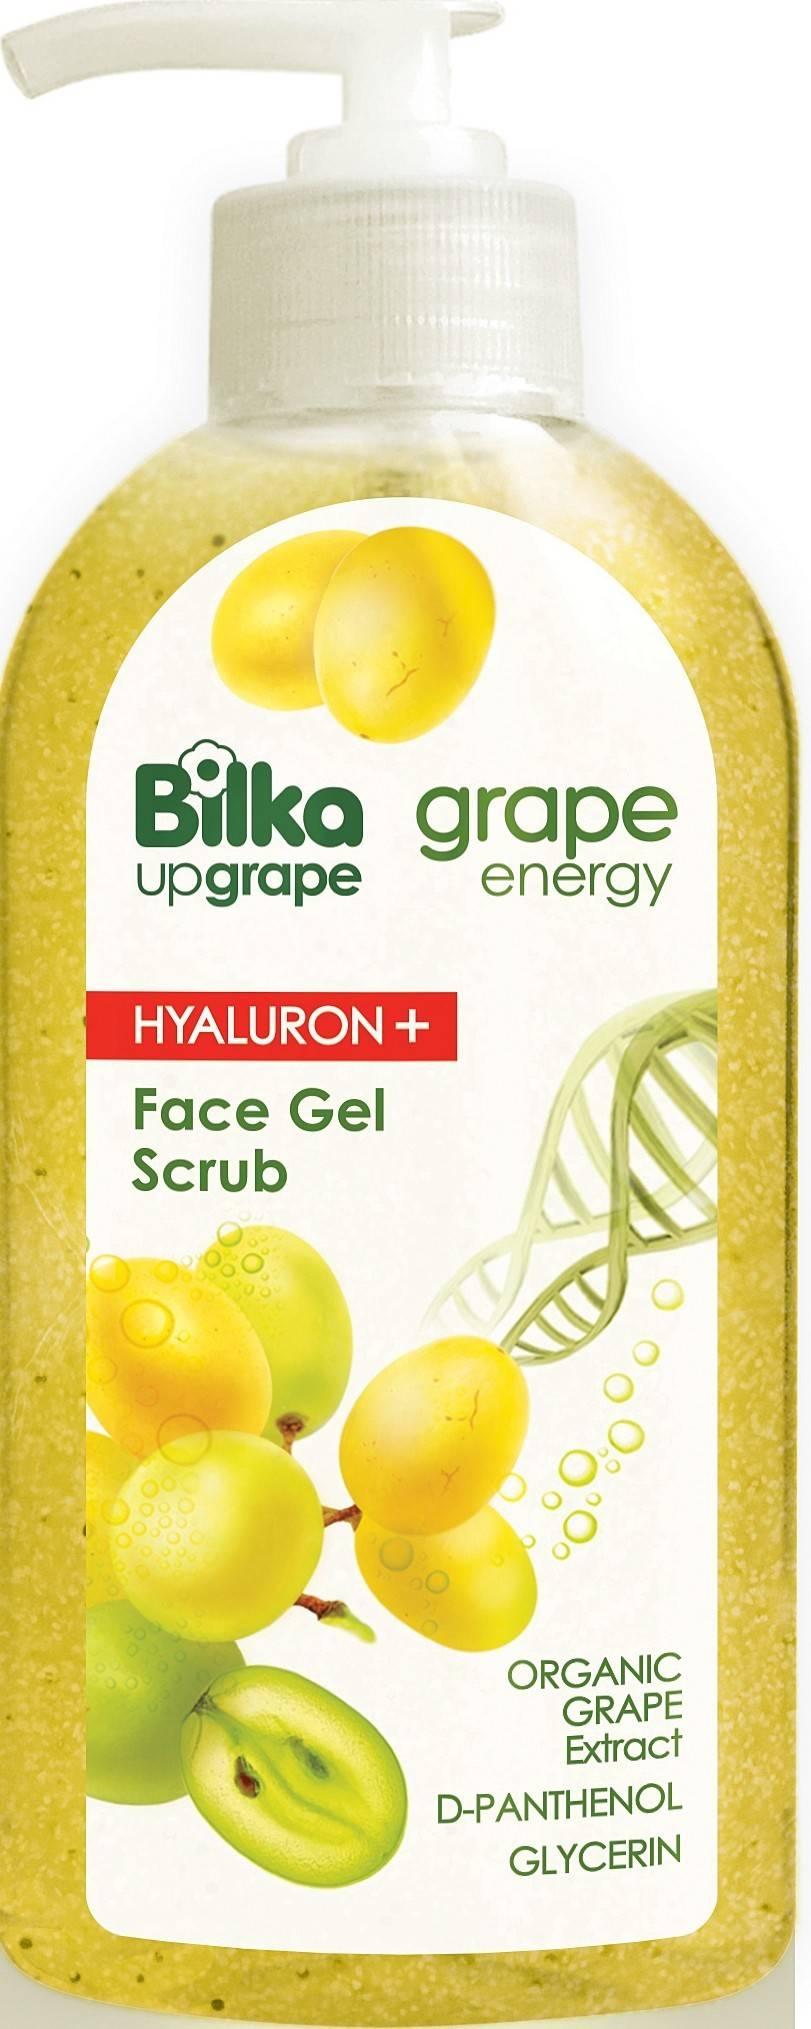 gel scrub pentru fata cu ulei de struguri albi, hyaluron+ 200 ml bilka